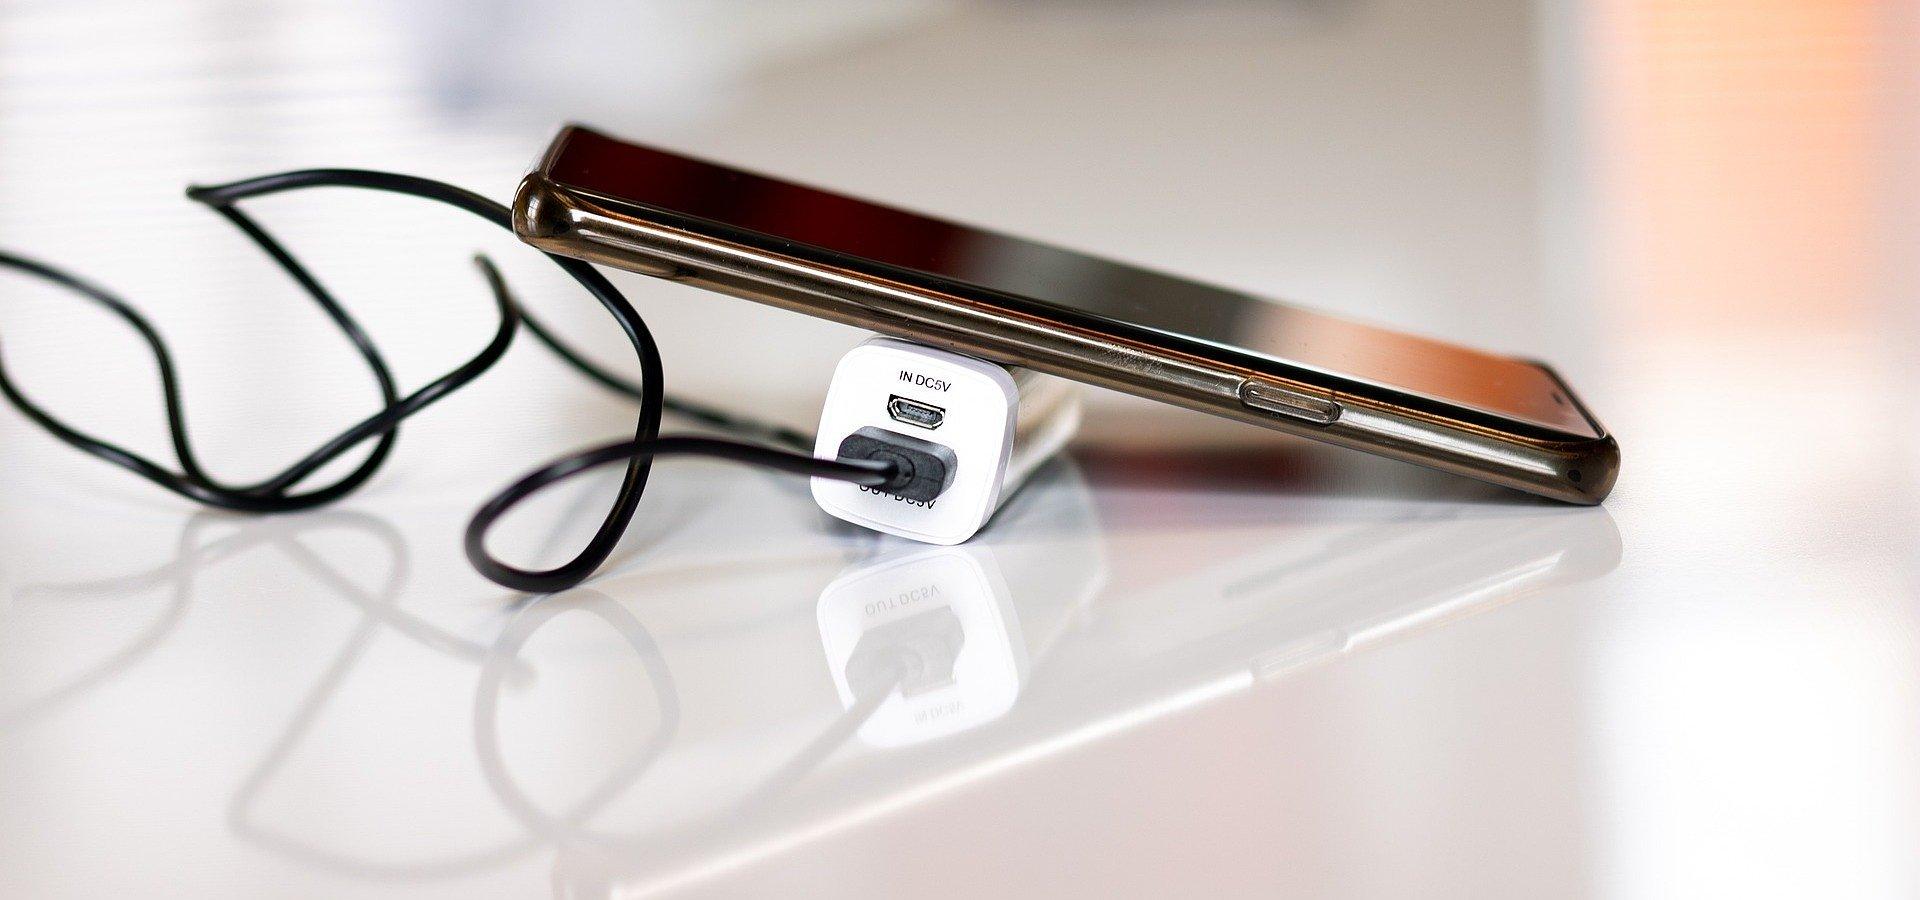 Trzy rady, dzięki którym będziesz rzadziej sięgać po ładowarkę do smartfona